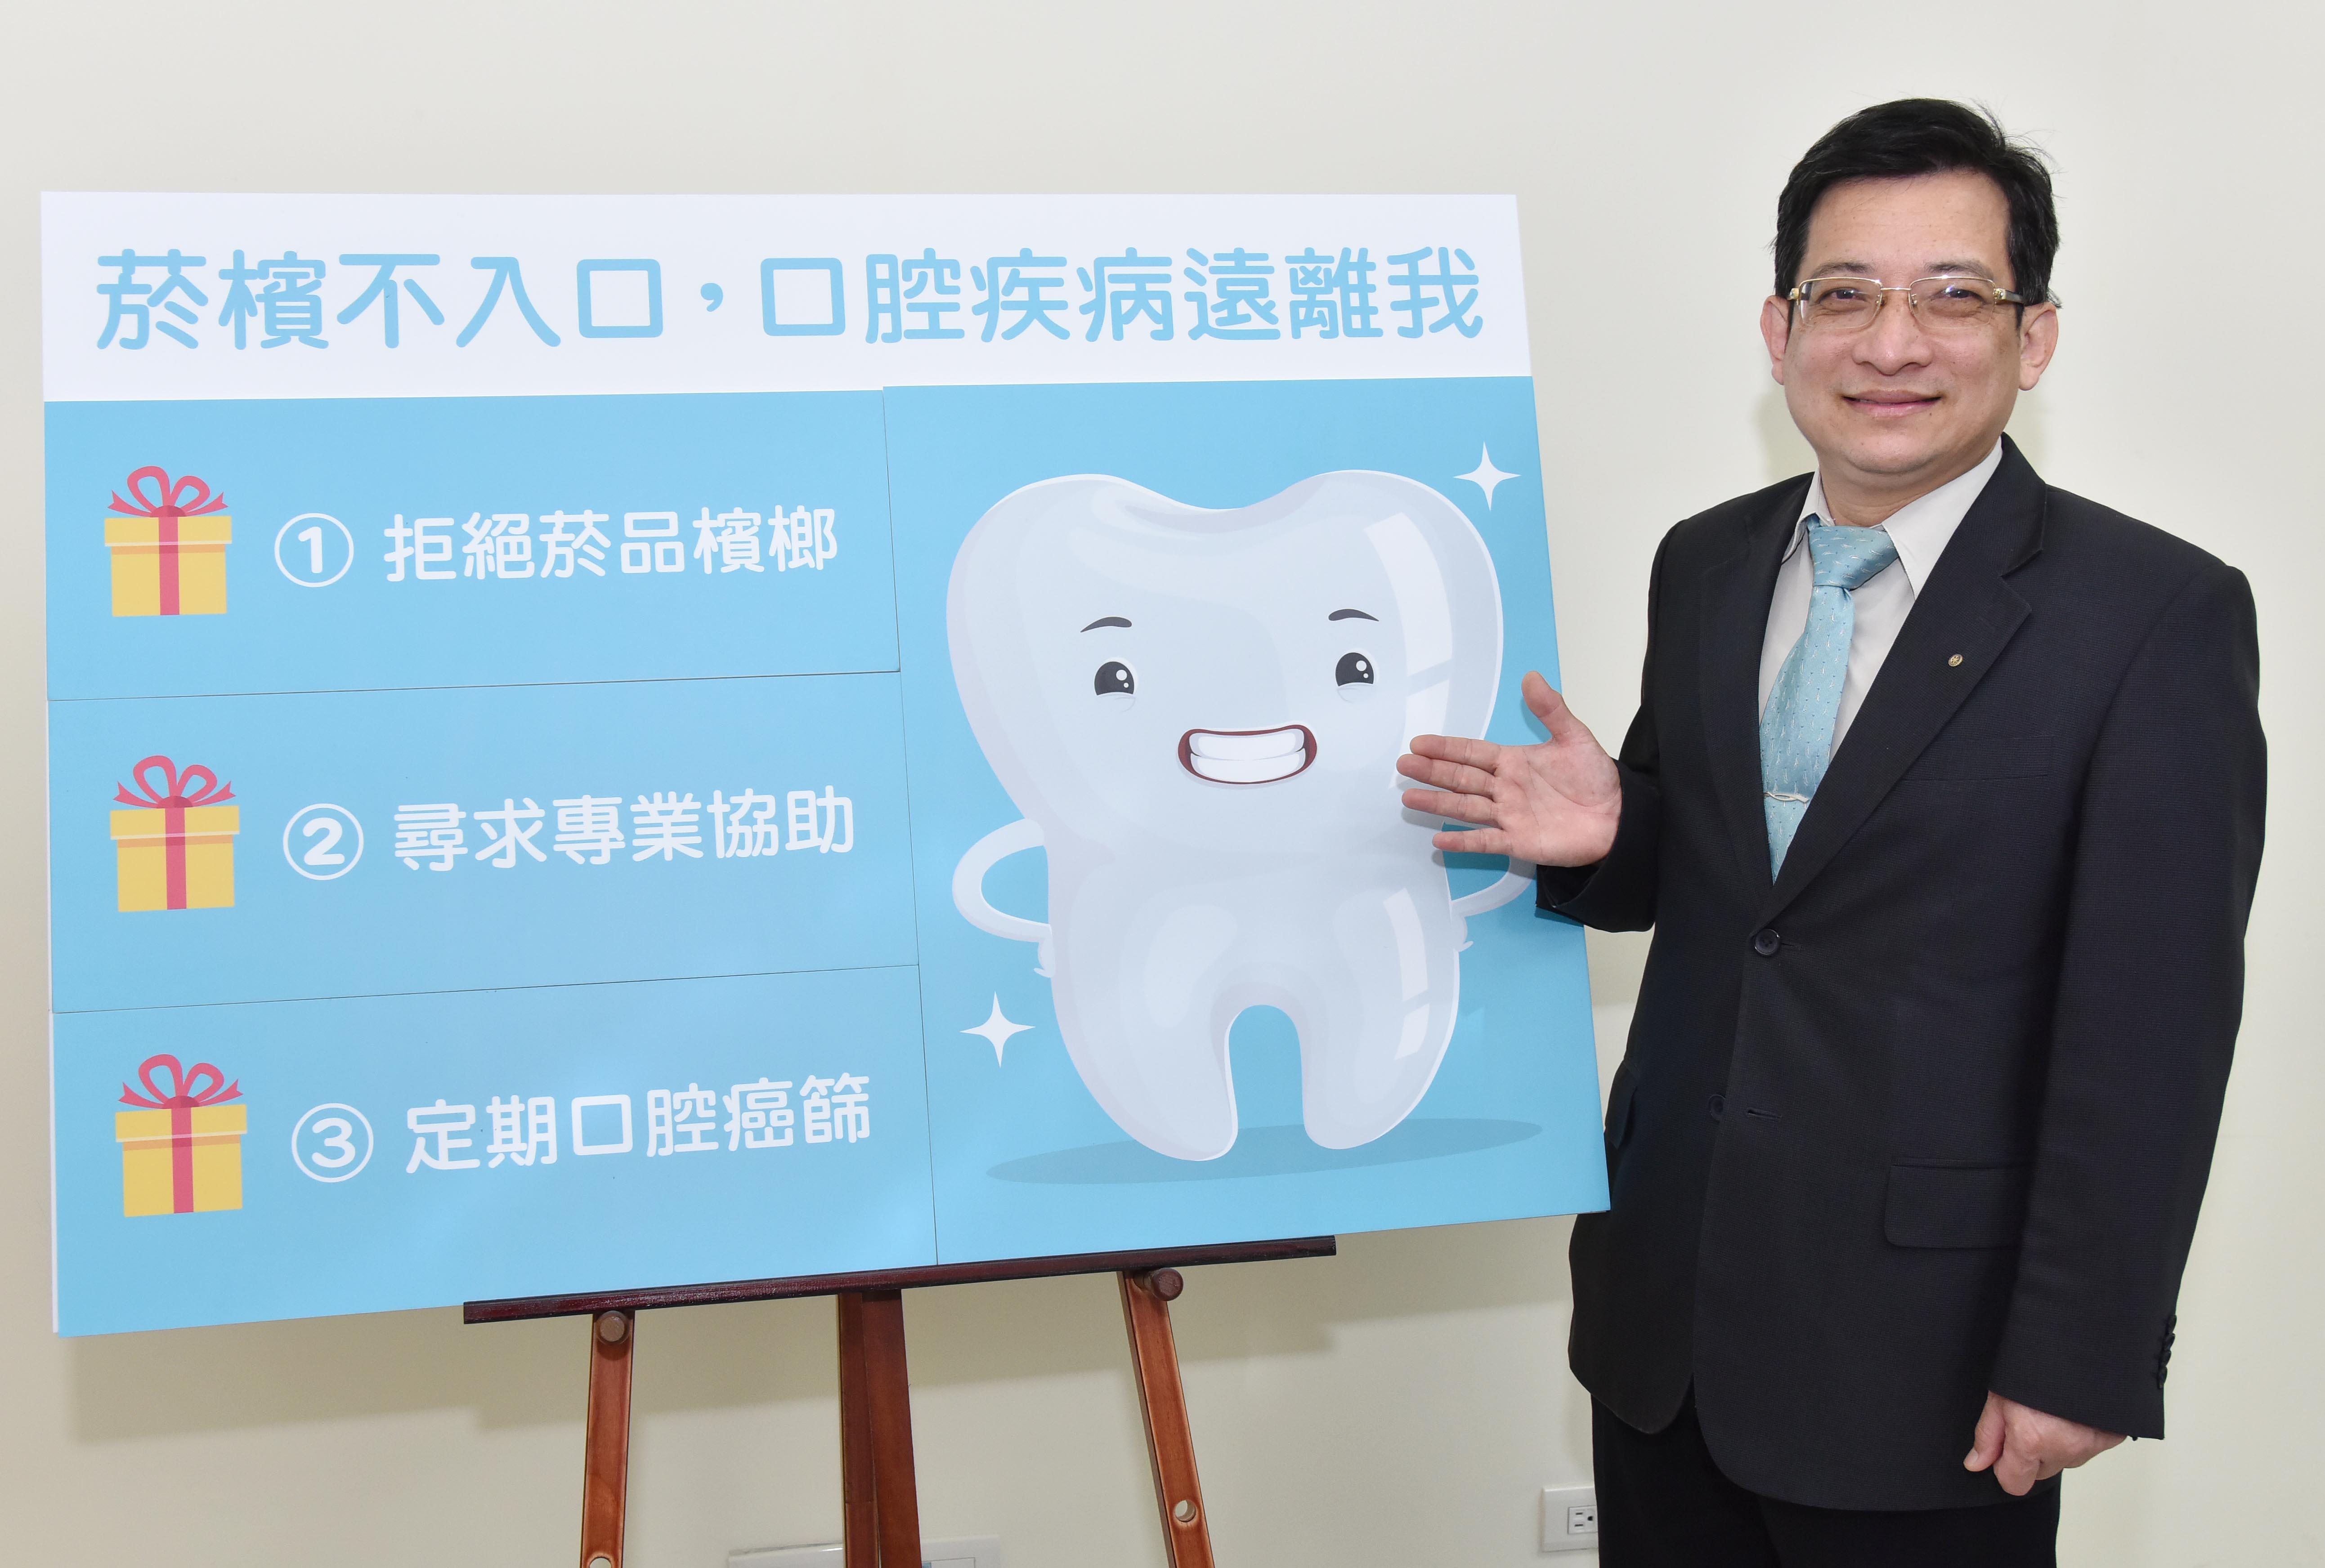 臺灣牙周病醫學會常務監事林世榮醫師呼籲「菸檳不入口,口腔疾病遠離我」!